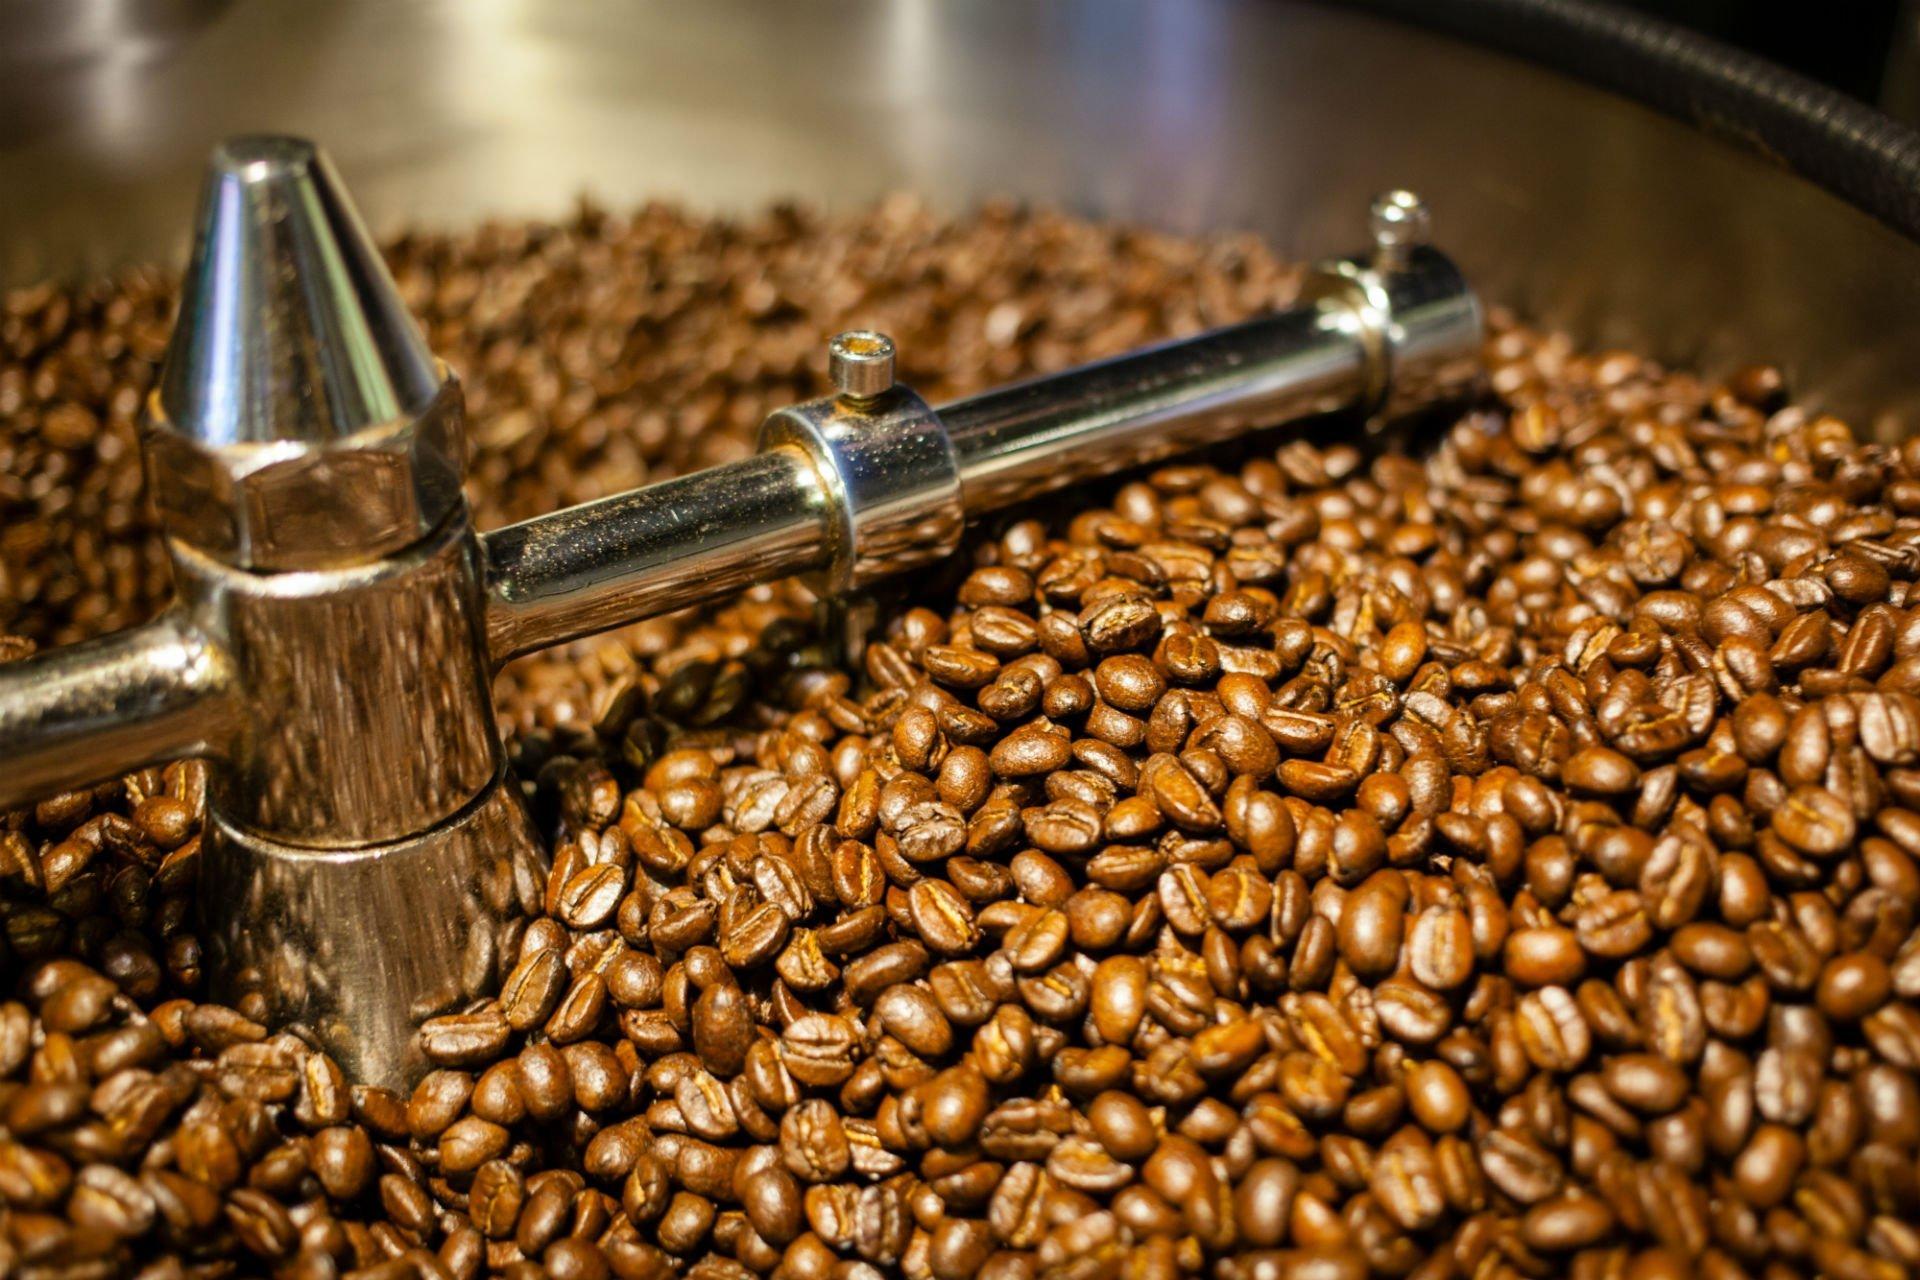 dei chicchi di caffè' in una macina